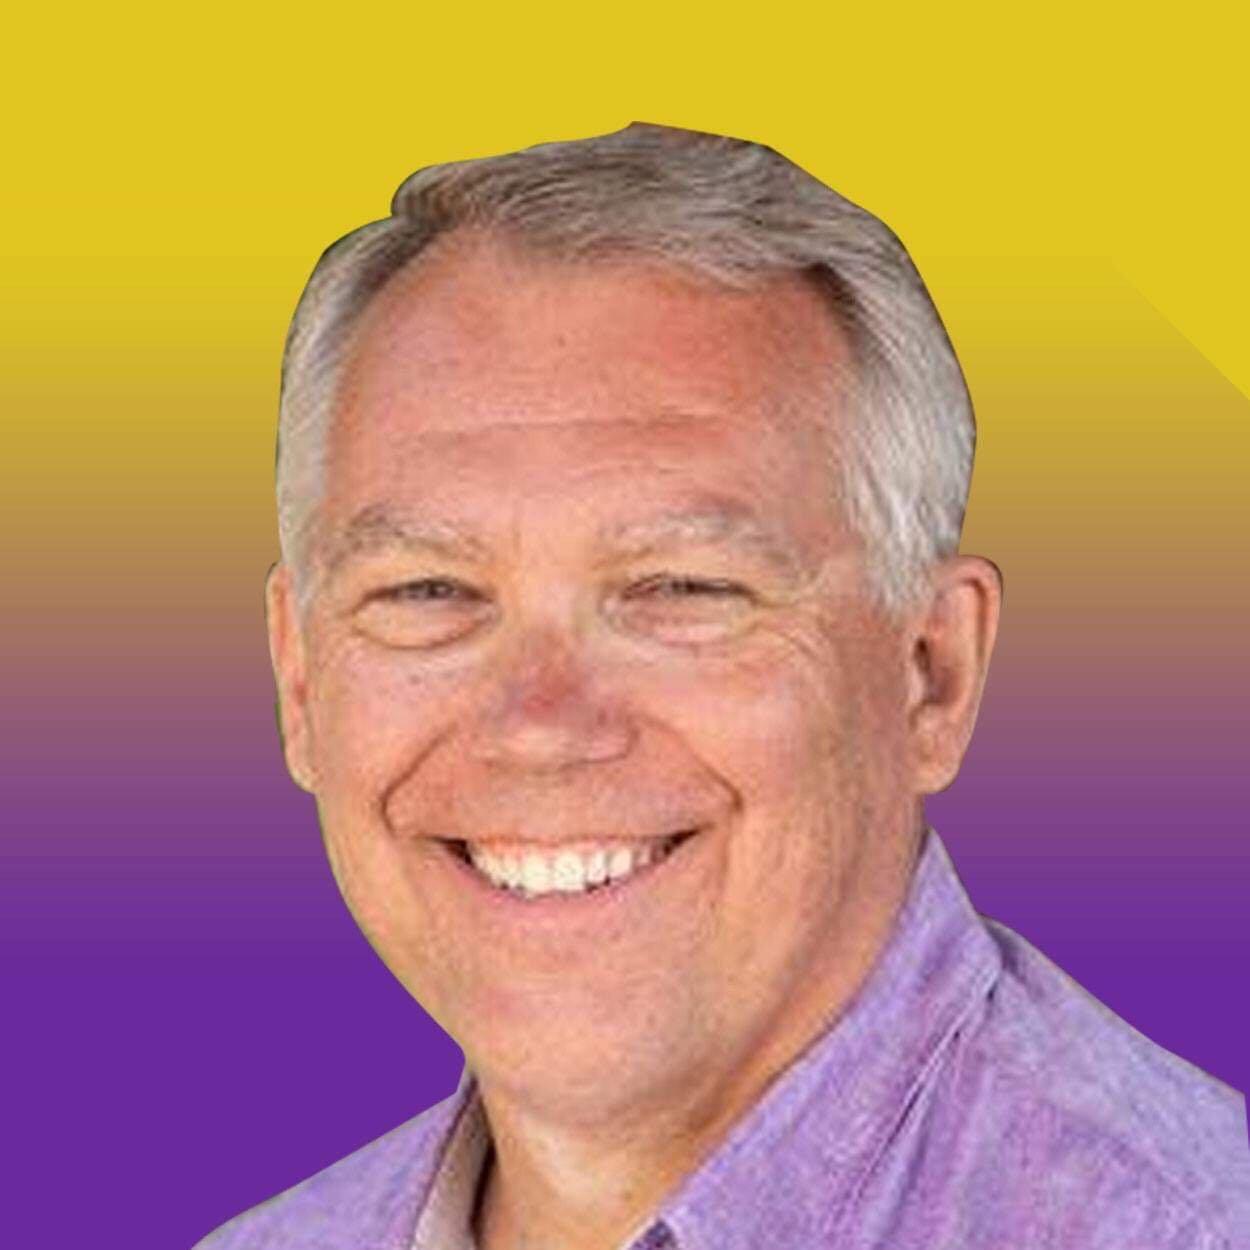 Tom Matzen, Chief Movement Maker